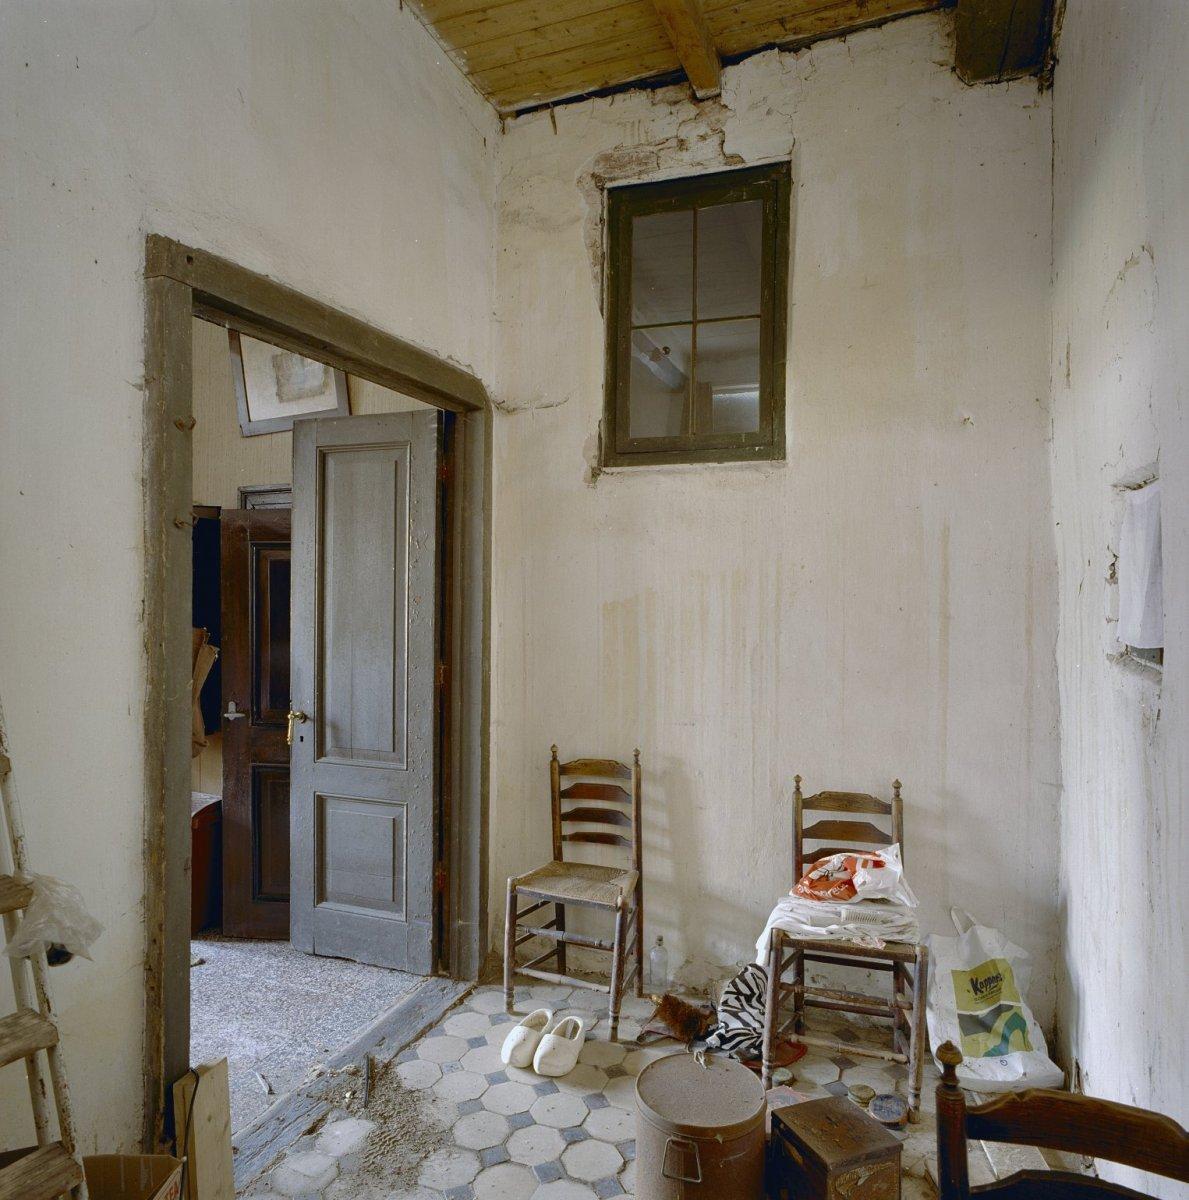 File:Interieur voorhuis, ruimte achter de oude keuken ( kijkt uit op ...